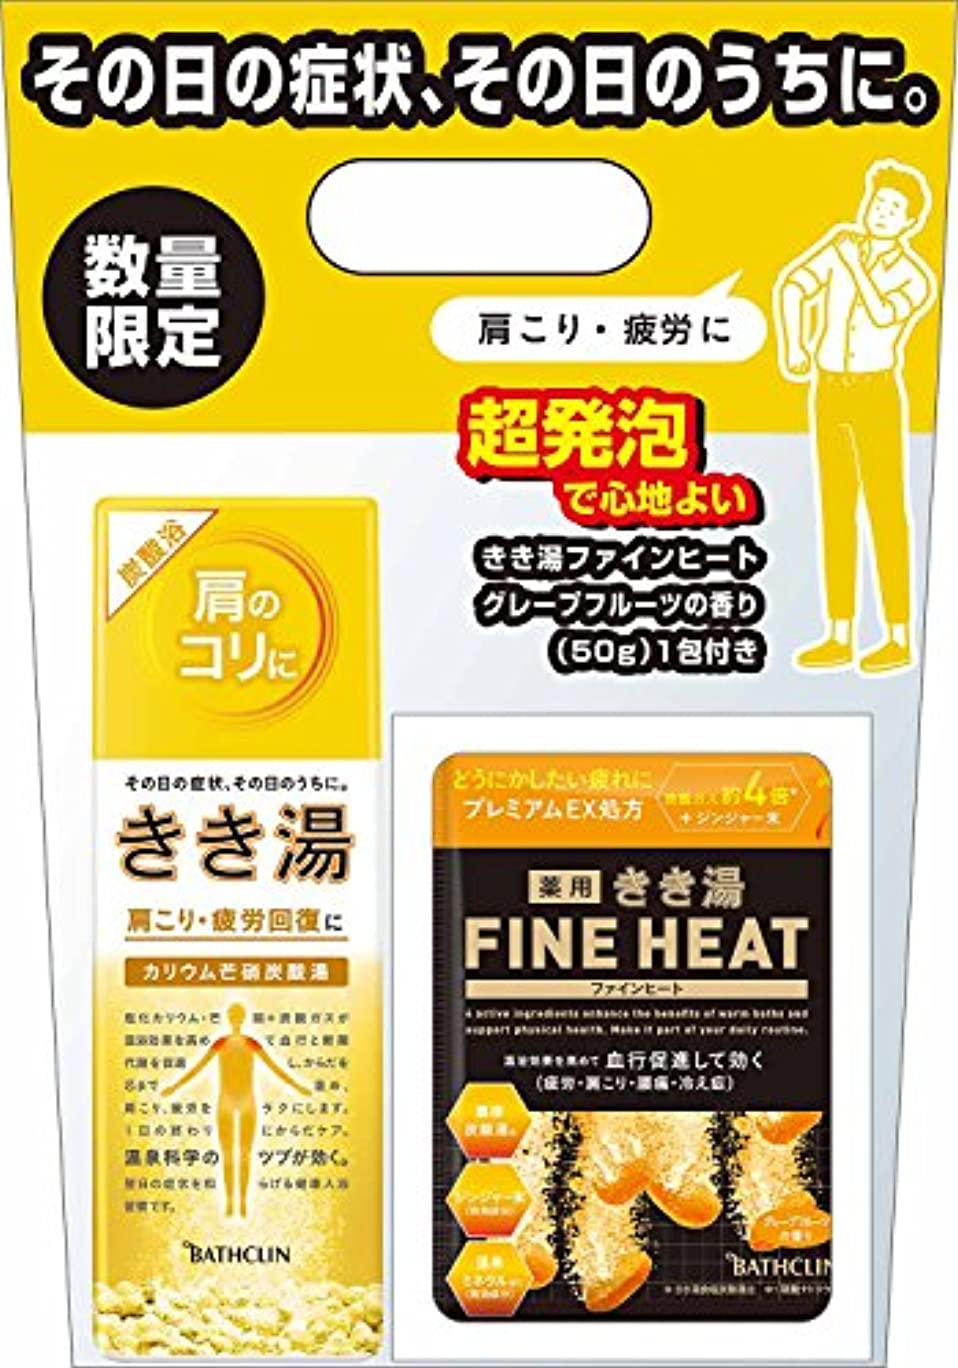 切断するインテリアフェミニンきき湯カリウム健康セット